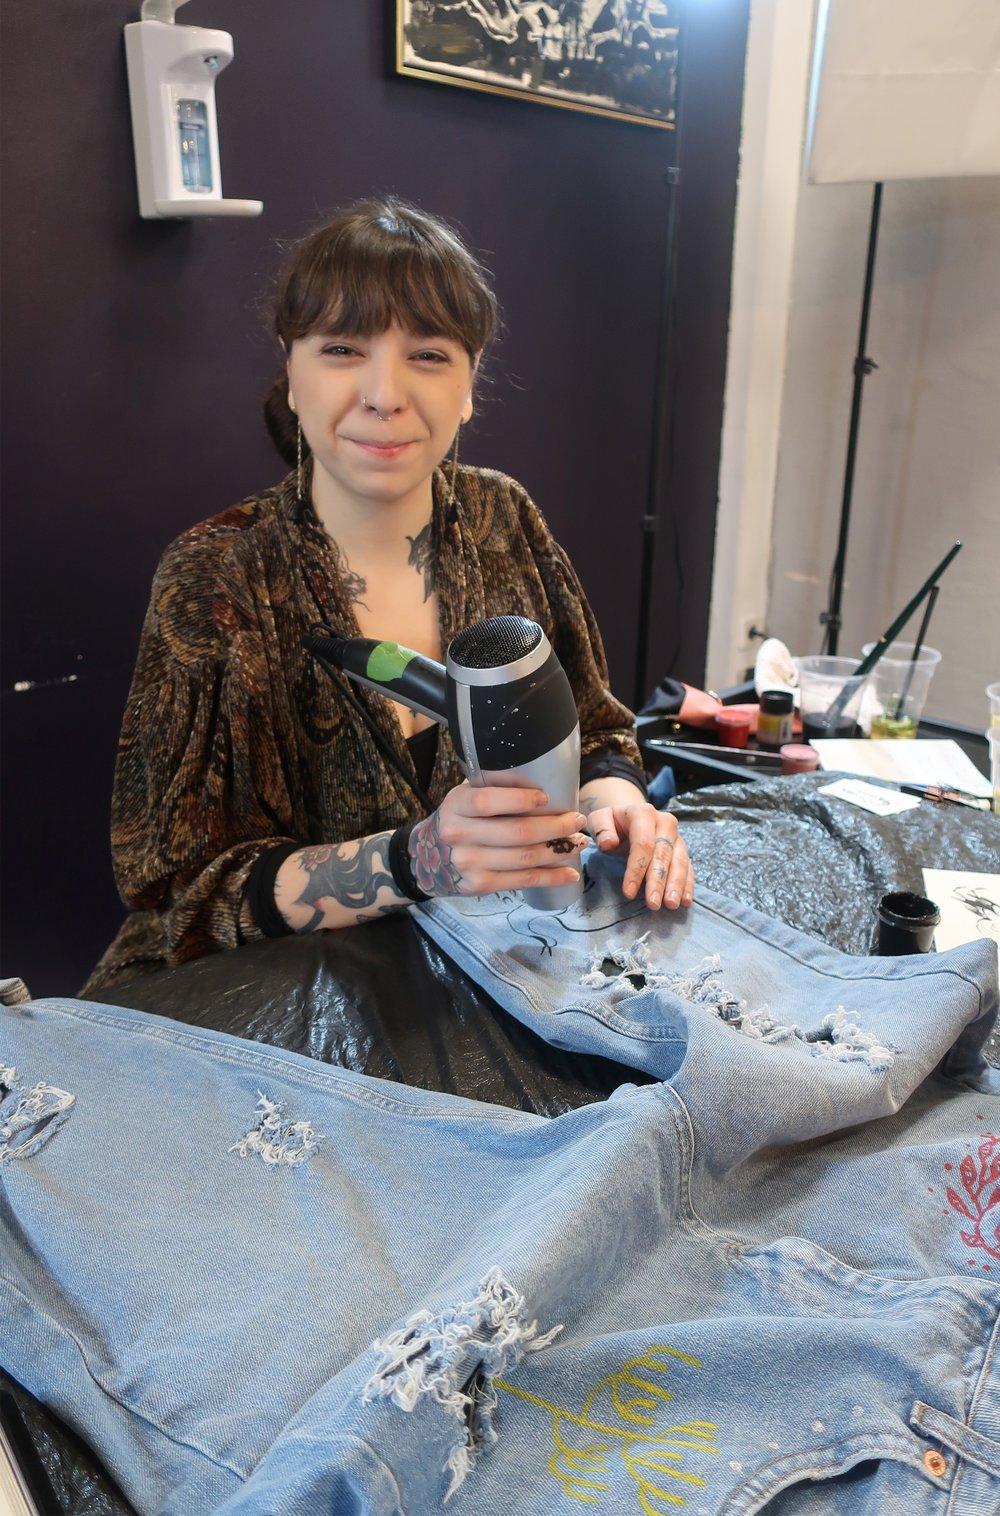 Denim Jeans painted by Alba Rey.jpeg